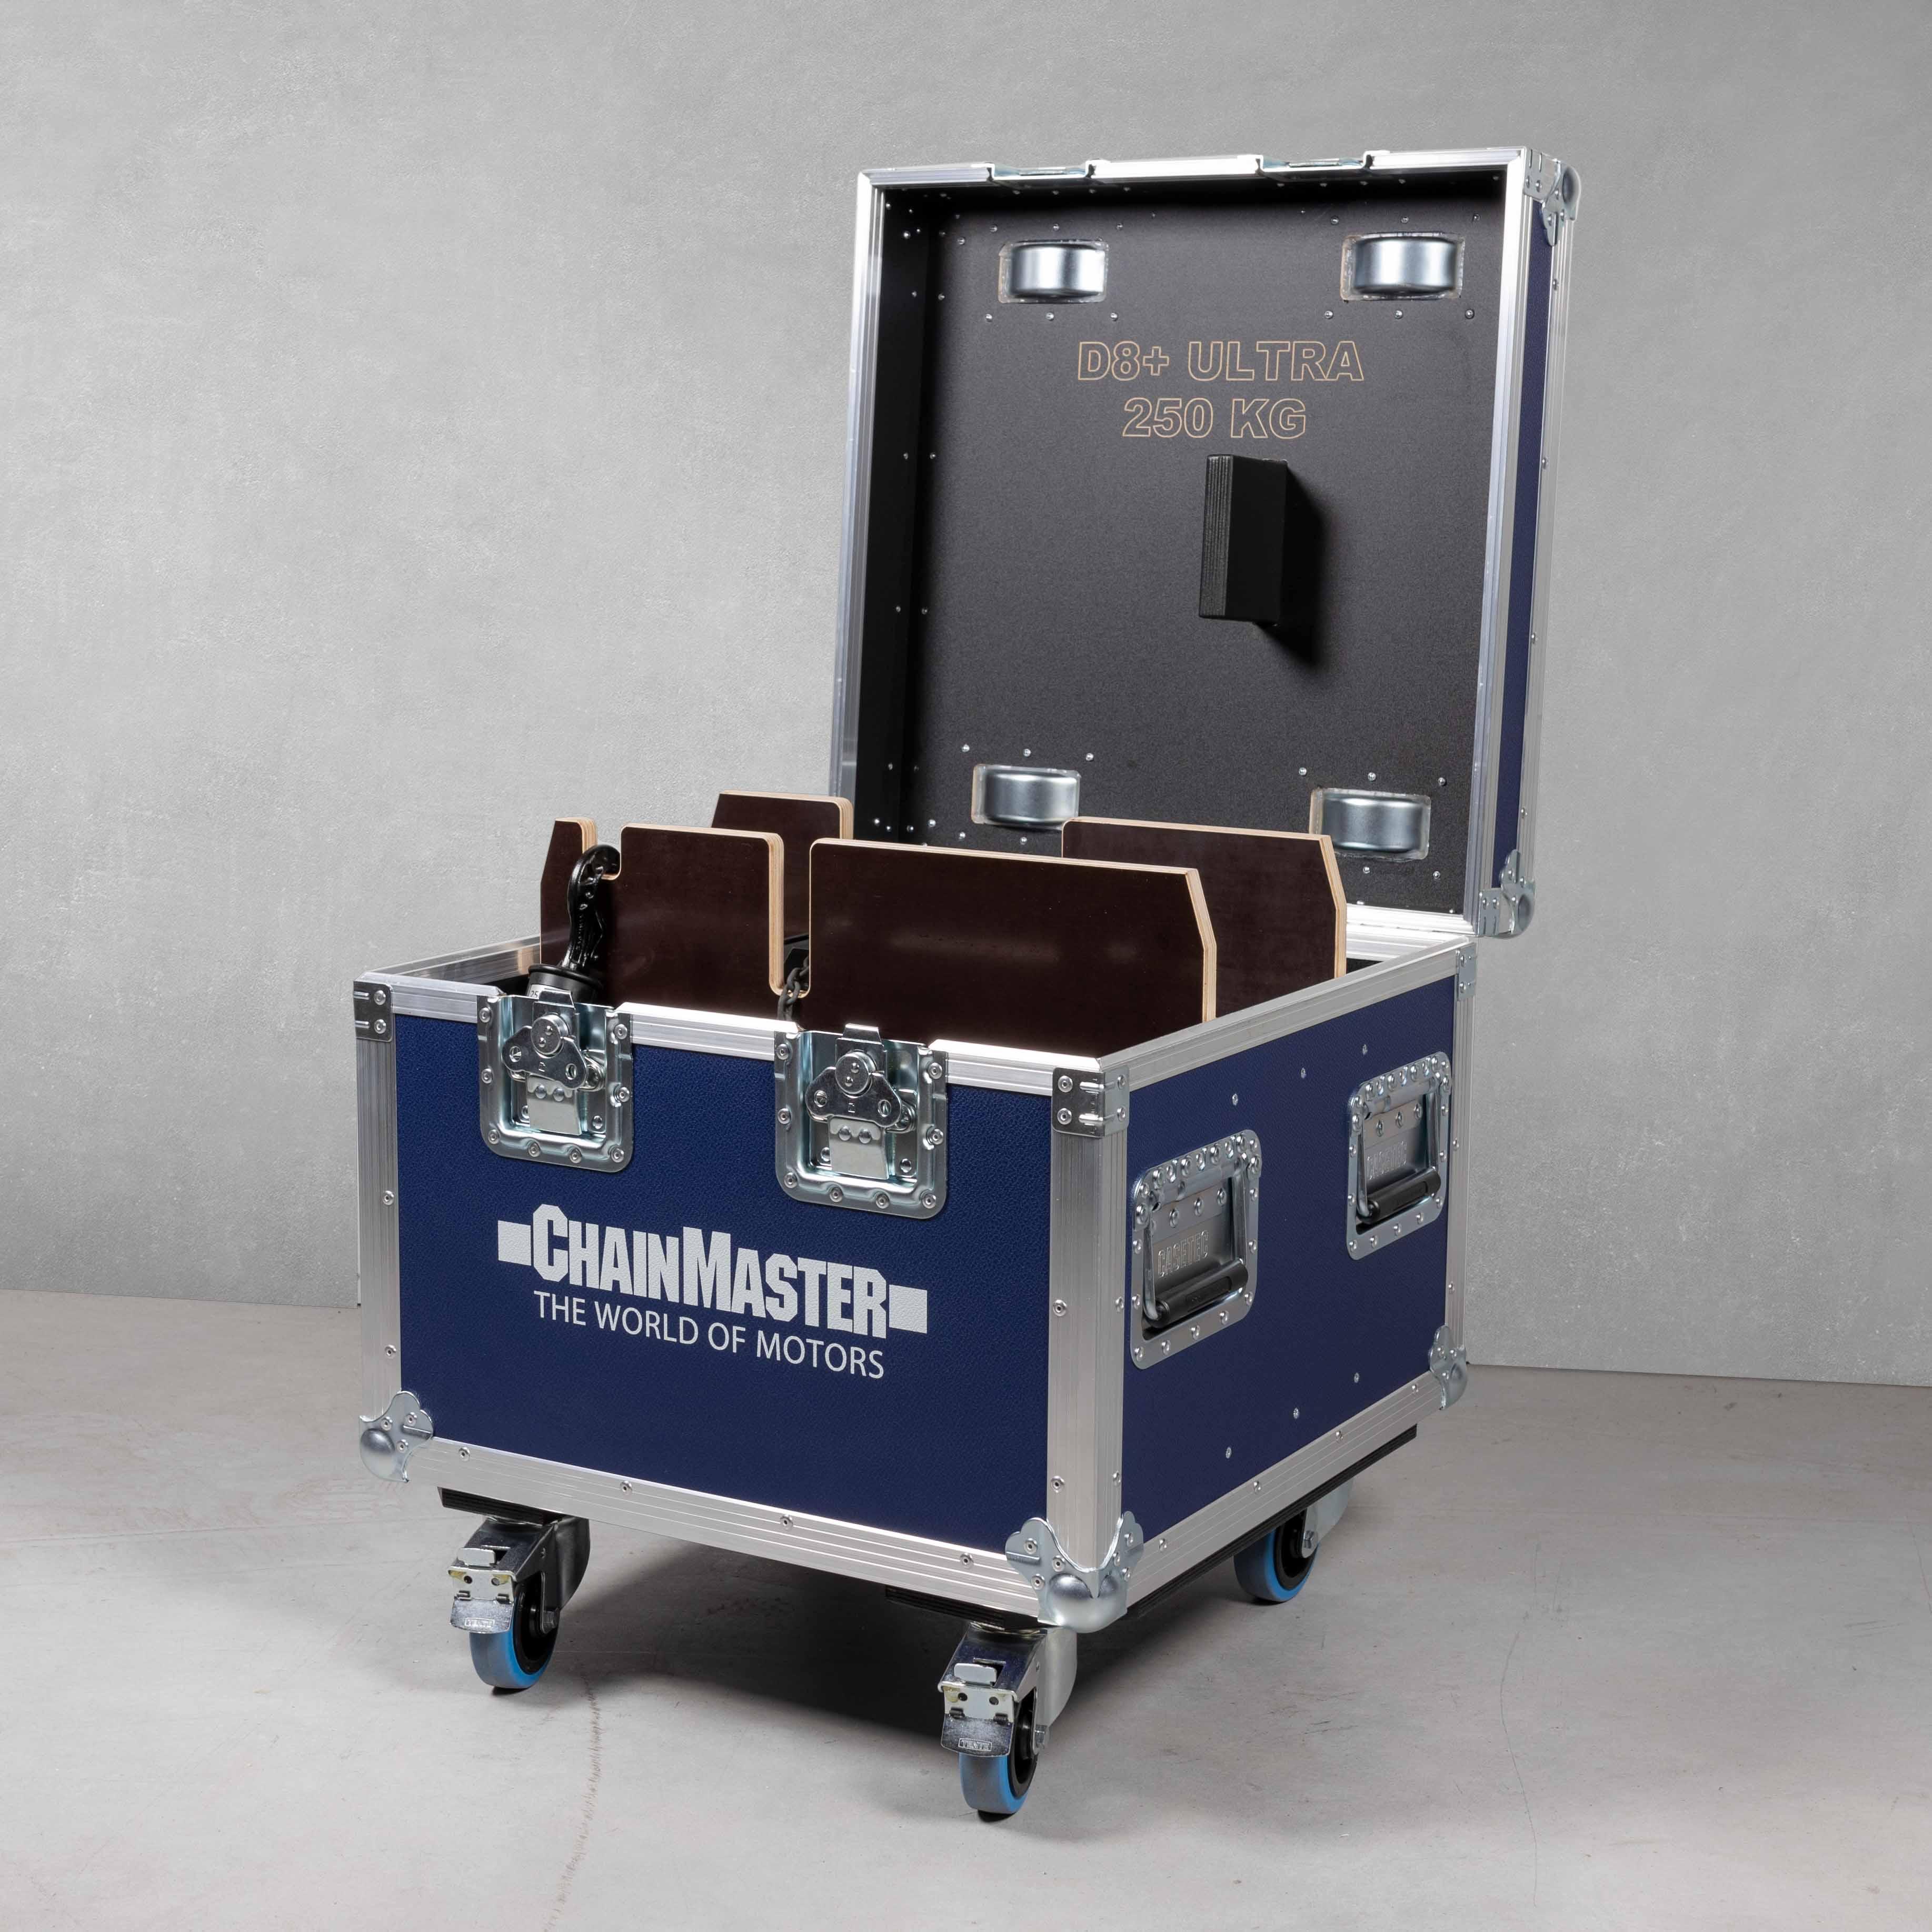 Motorencase für ein Chain Master RiggingLift D8 Plus 250Kg Ultra